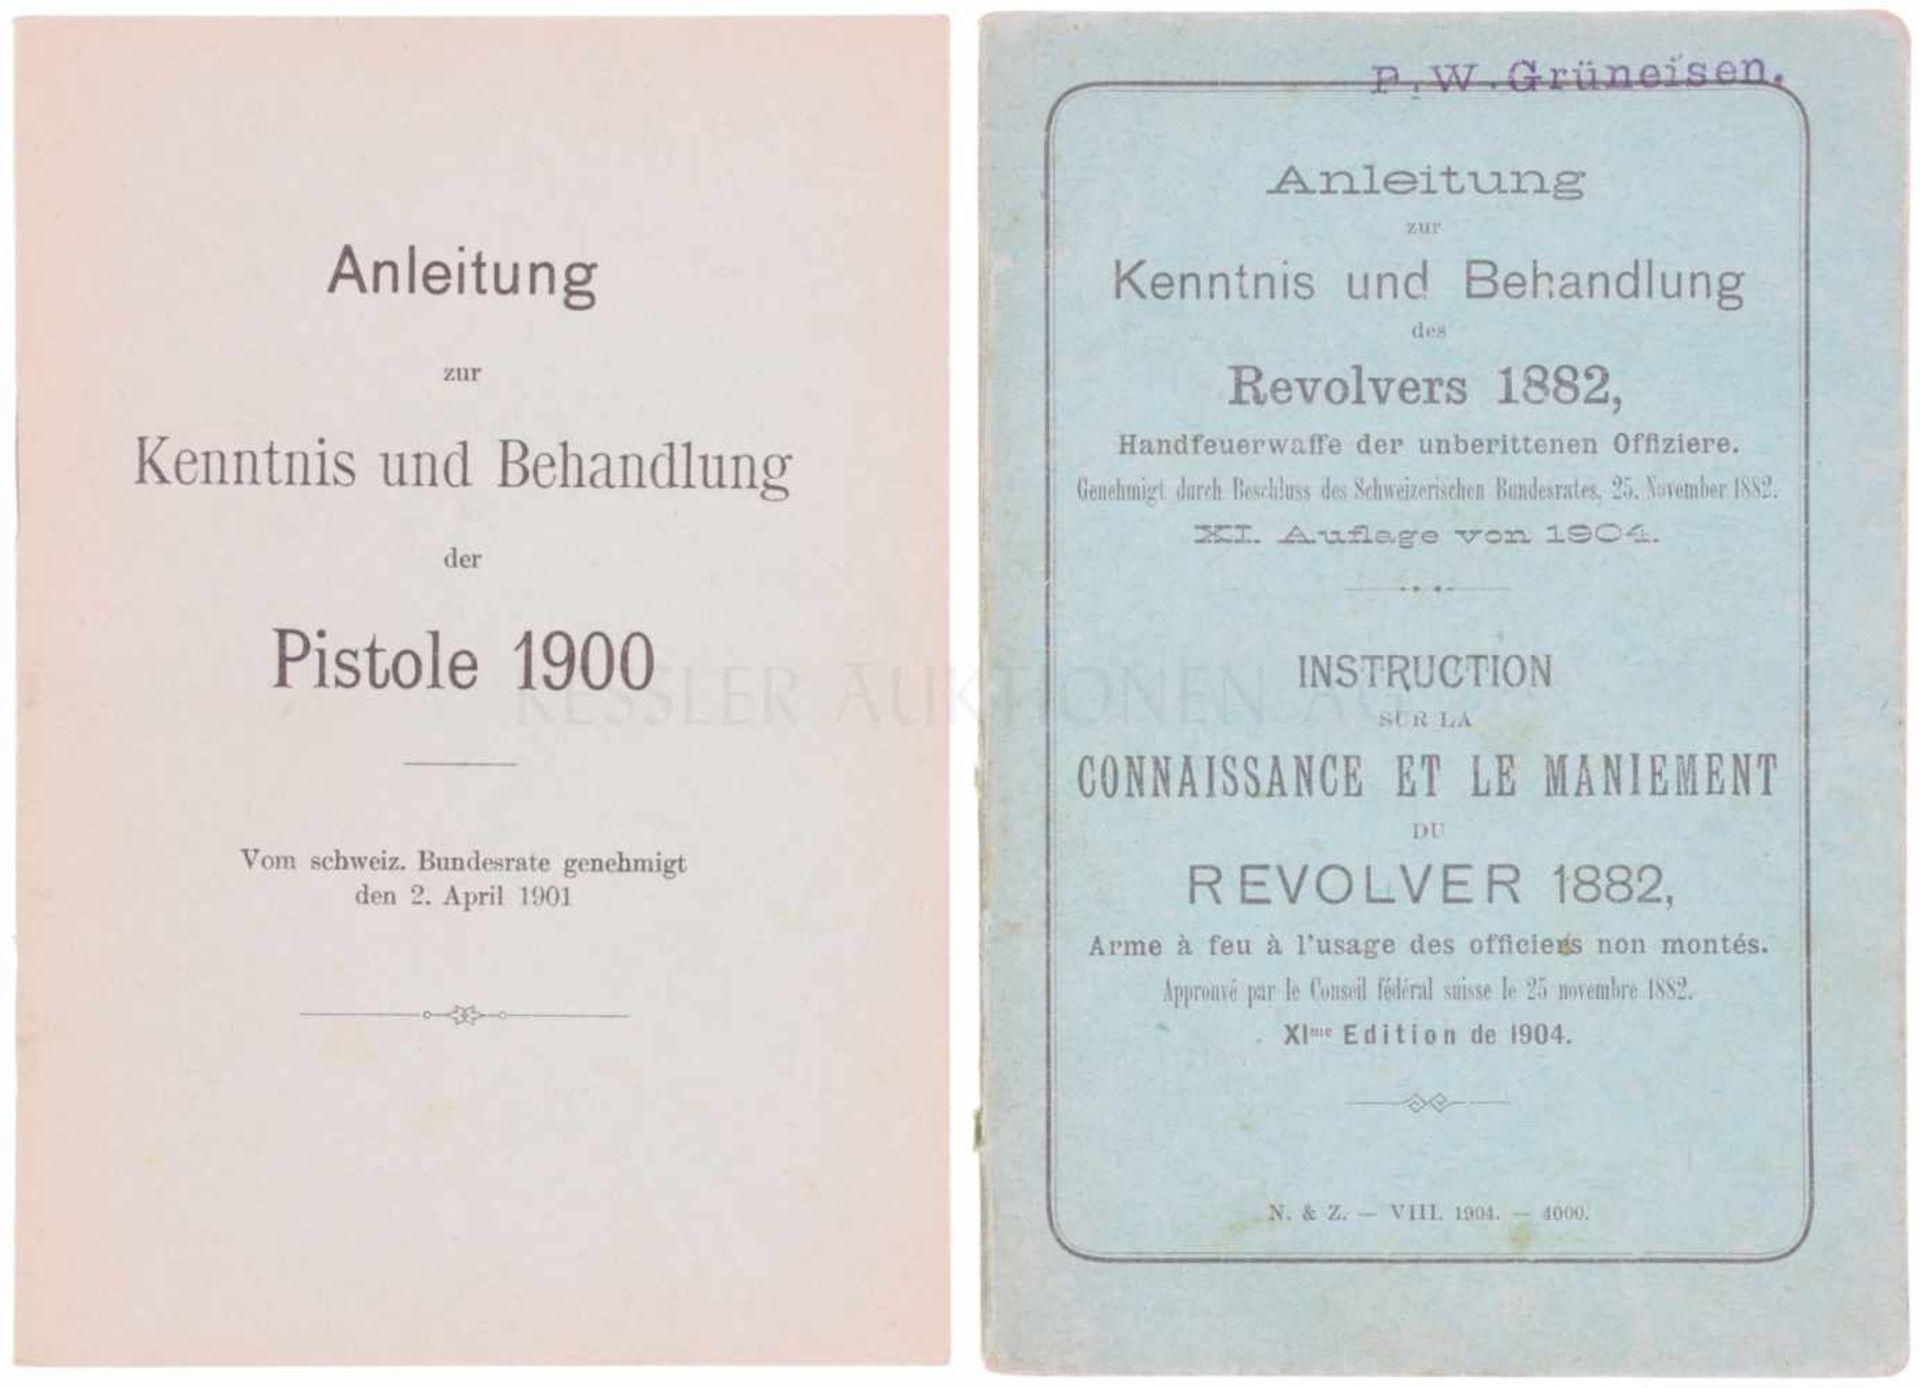 Konvolut von 2 Bedienungsanleitungen zur Pistole 1900 und Revolver 1882 1. Neudruck von 1971 der